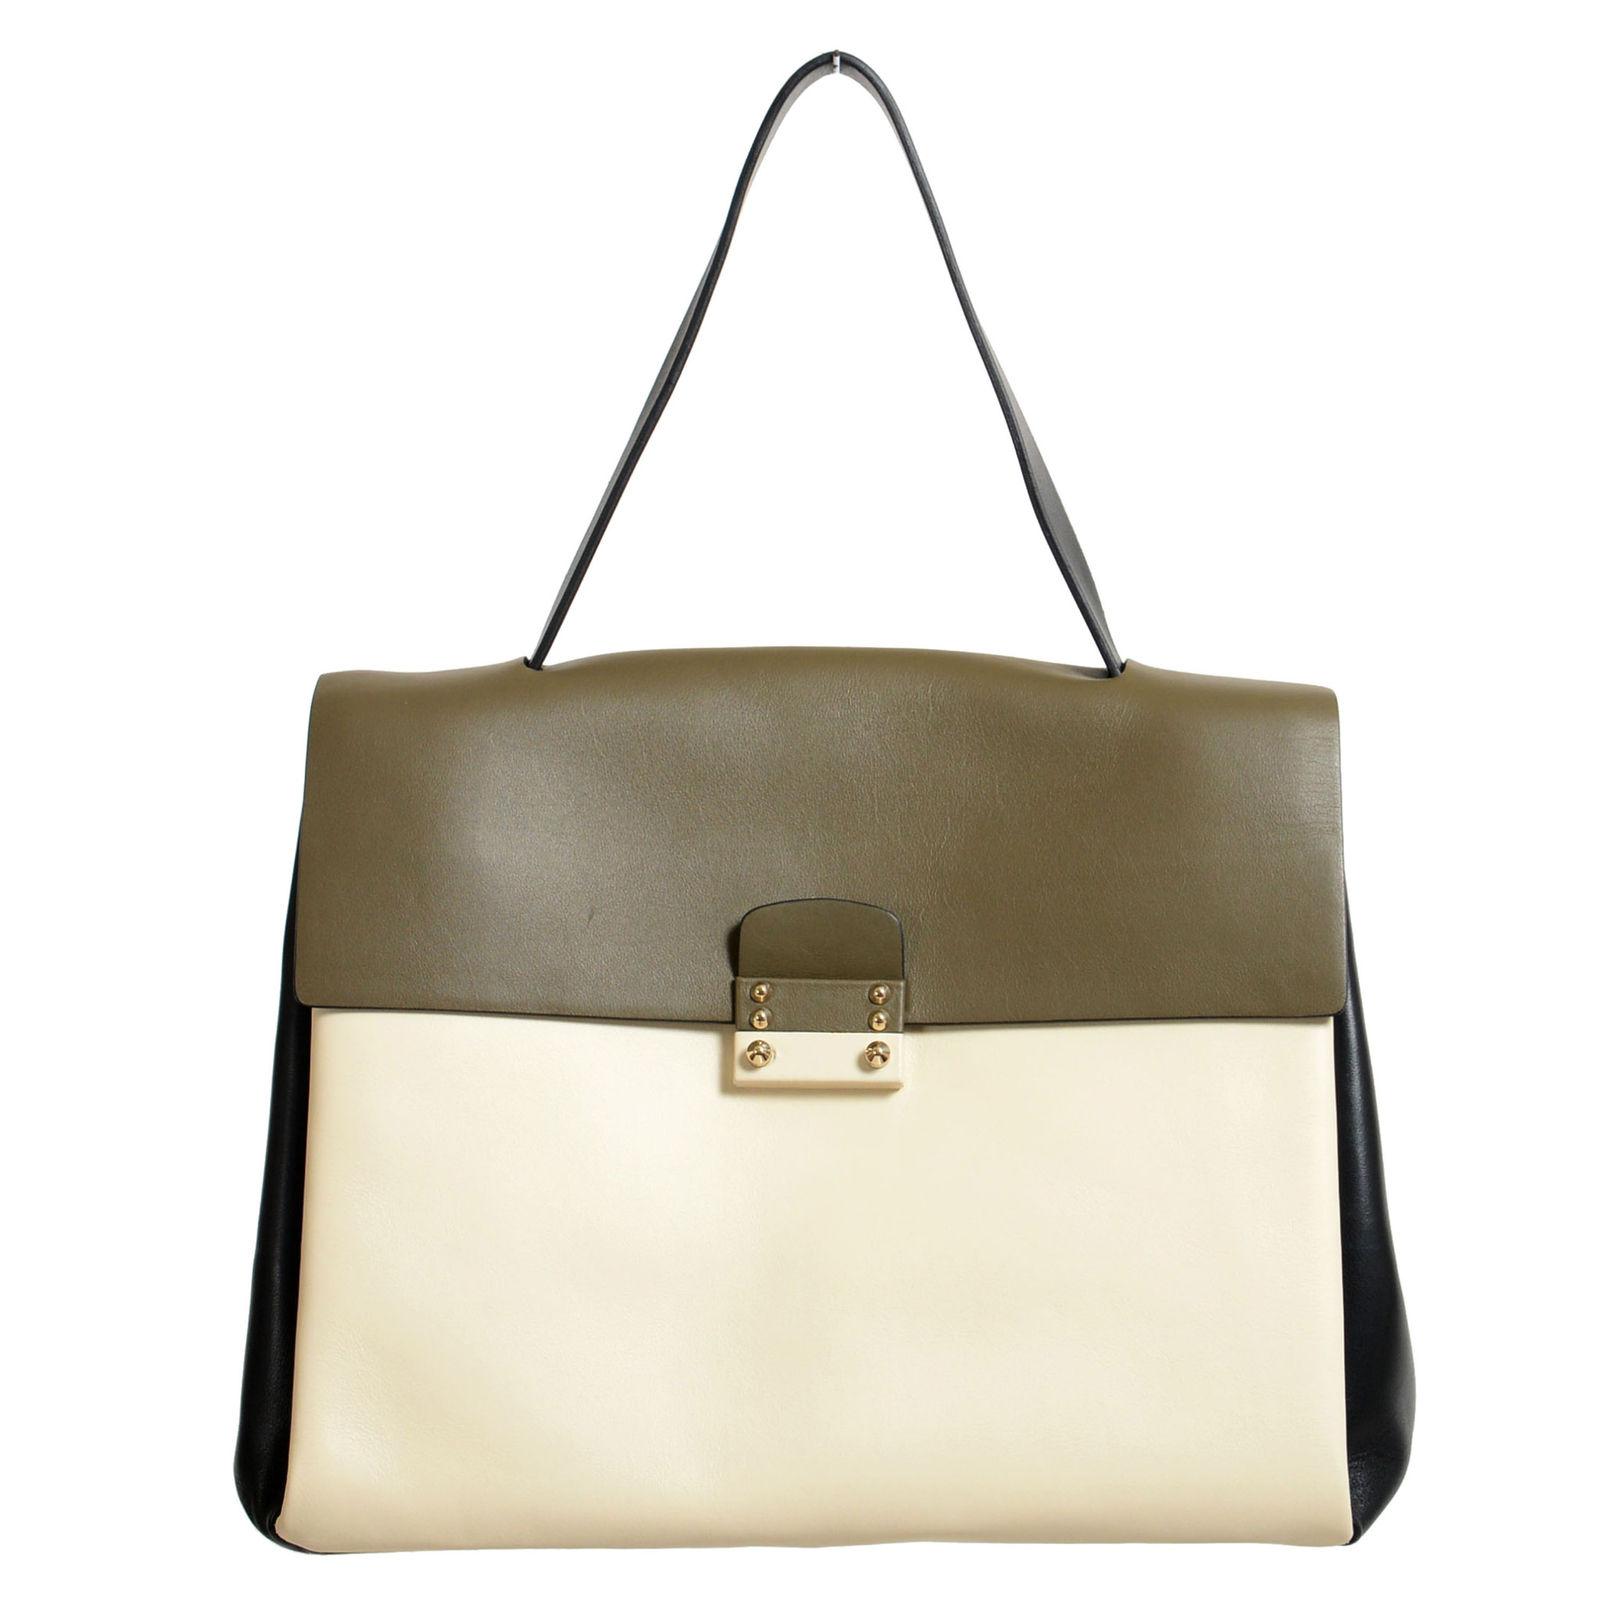 e7351af7642 Valentino Garavani Women's 100% Leather Multi-Color Satchel Handbag  Shoulder Bag 0